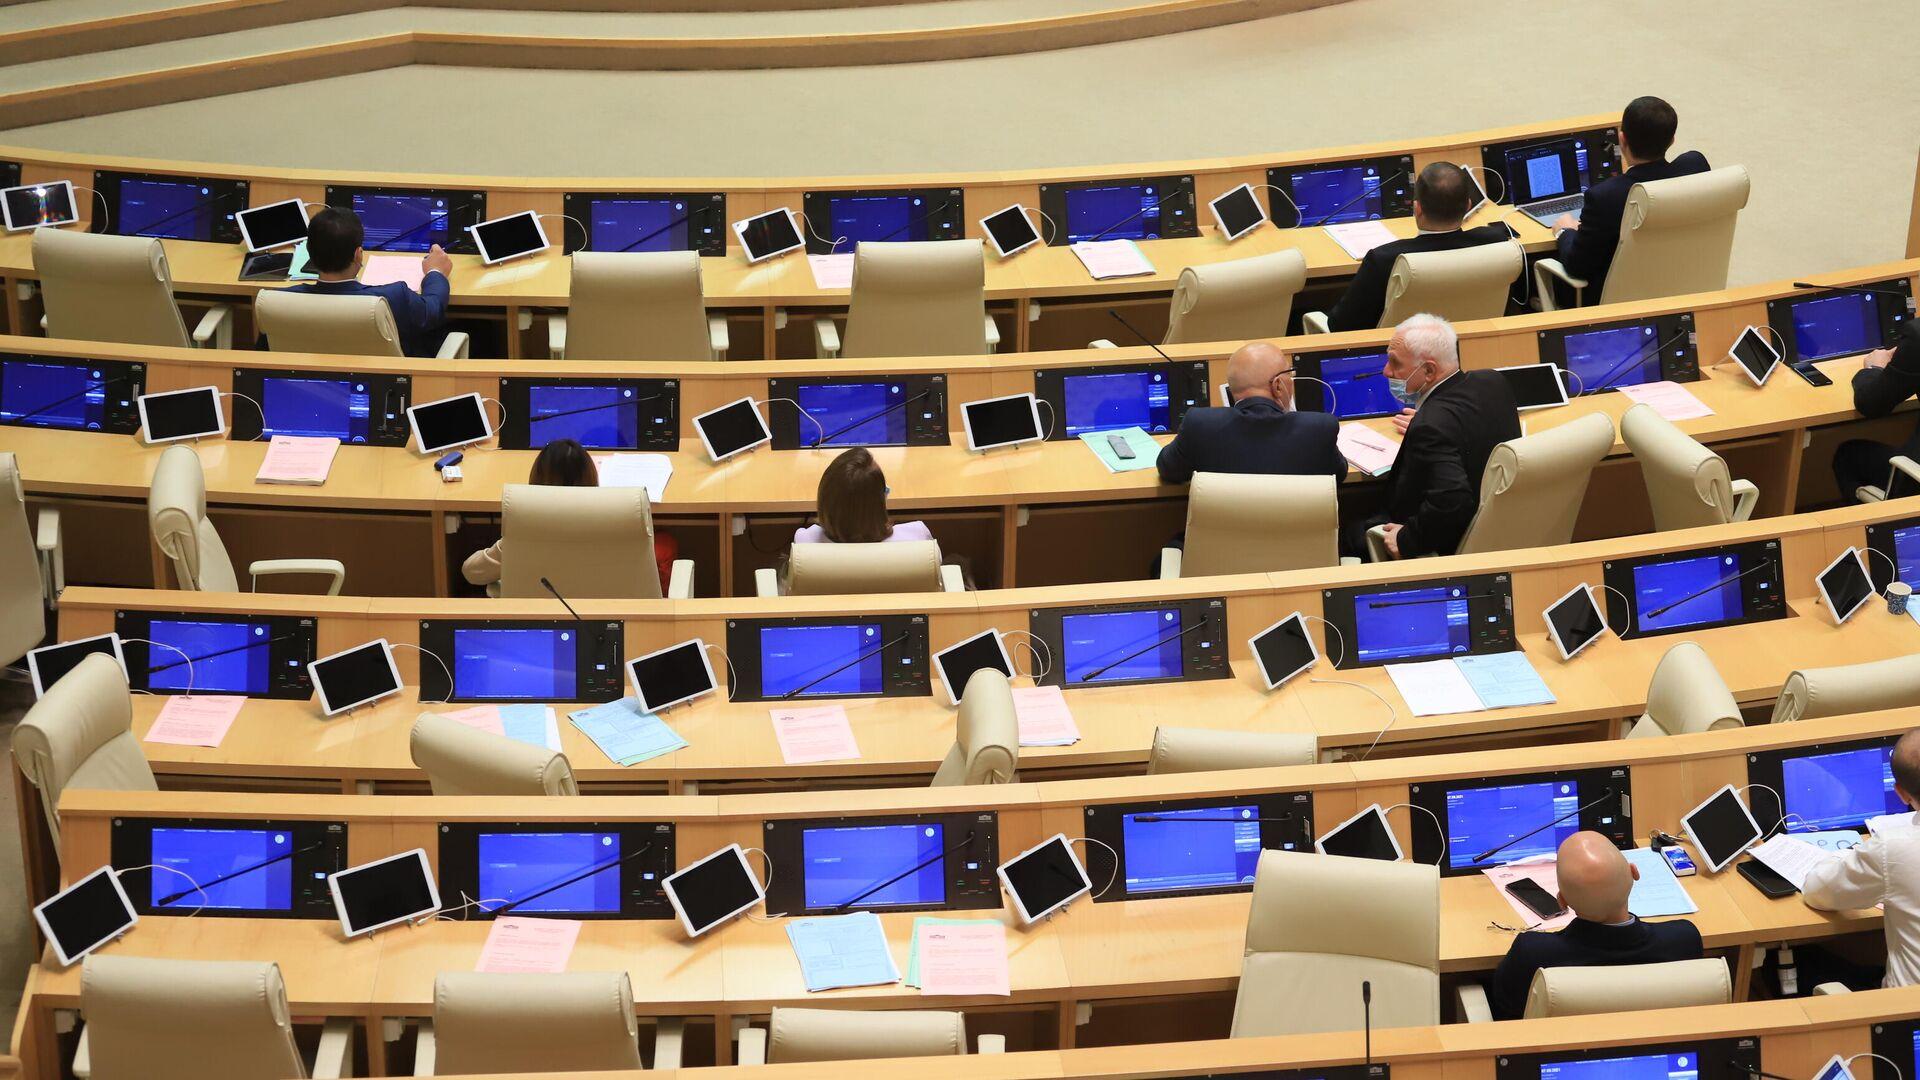 Парламент Грузии. Депутаты. Открытие осенней сессии - Sputnik Грузия, 1920, 07.09.2021